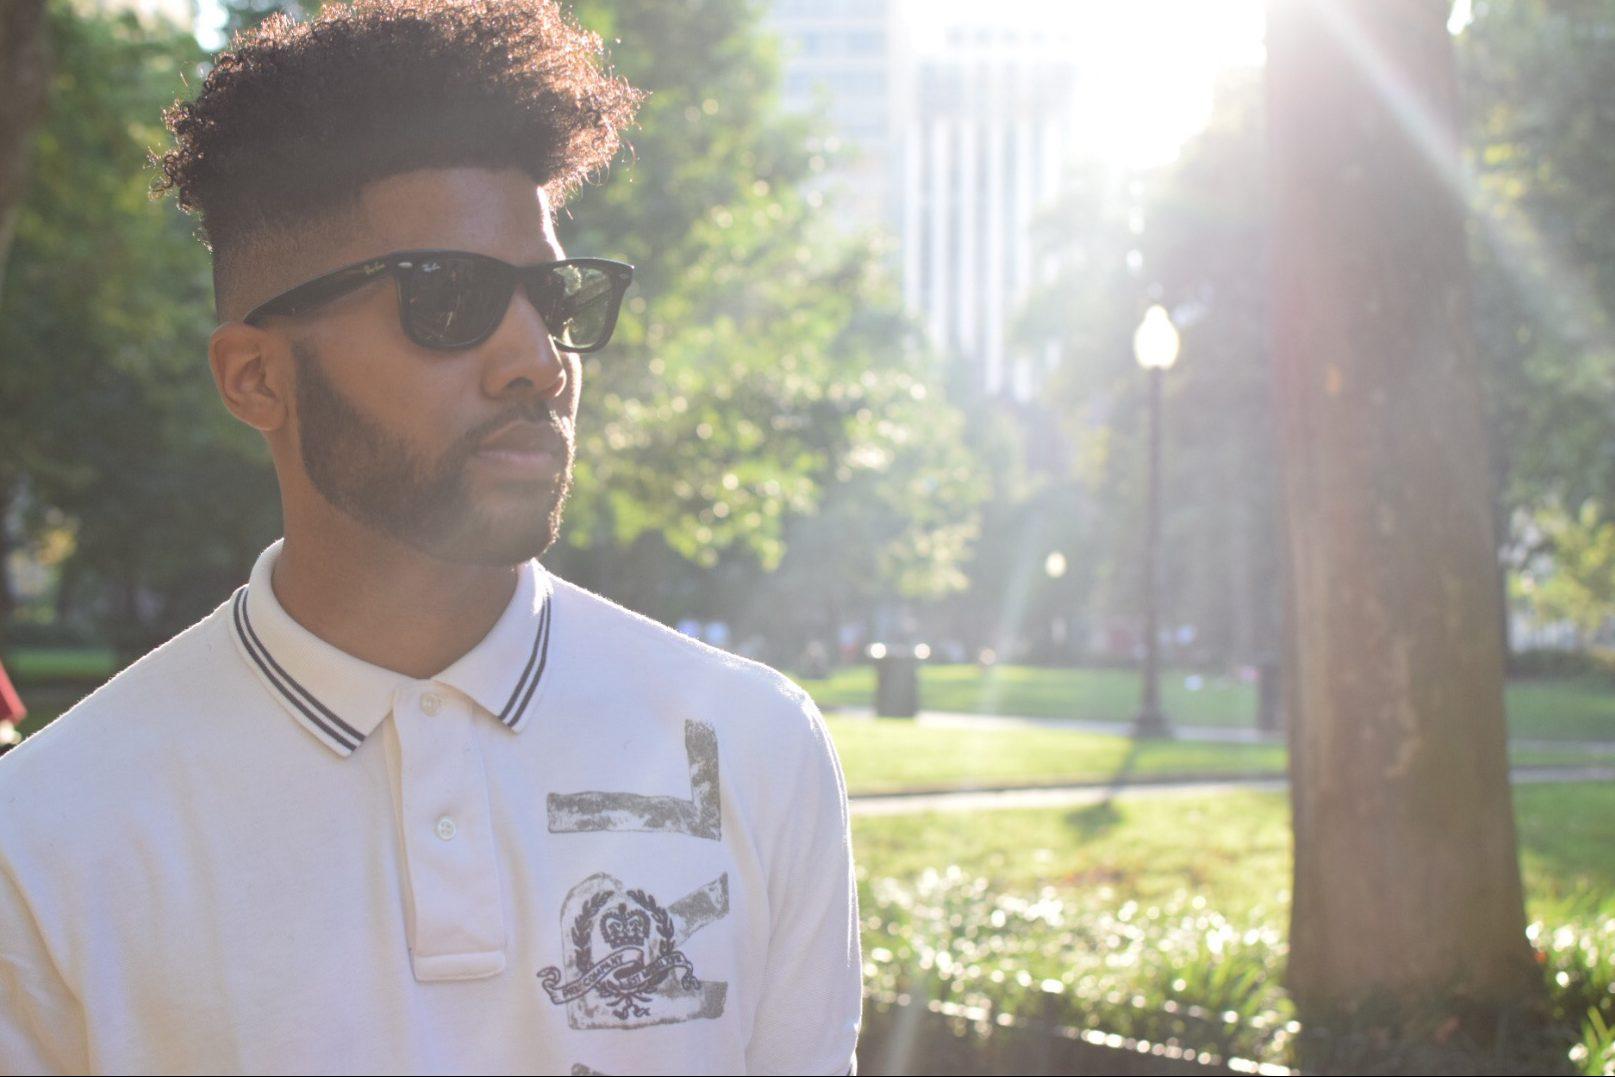 Singer and songwriter, Darius Coleman serenades pedestrians as part of his #SidewalkSerenade series.